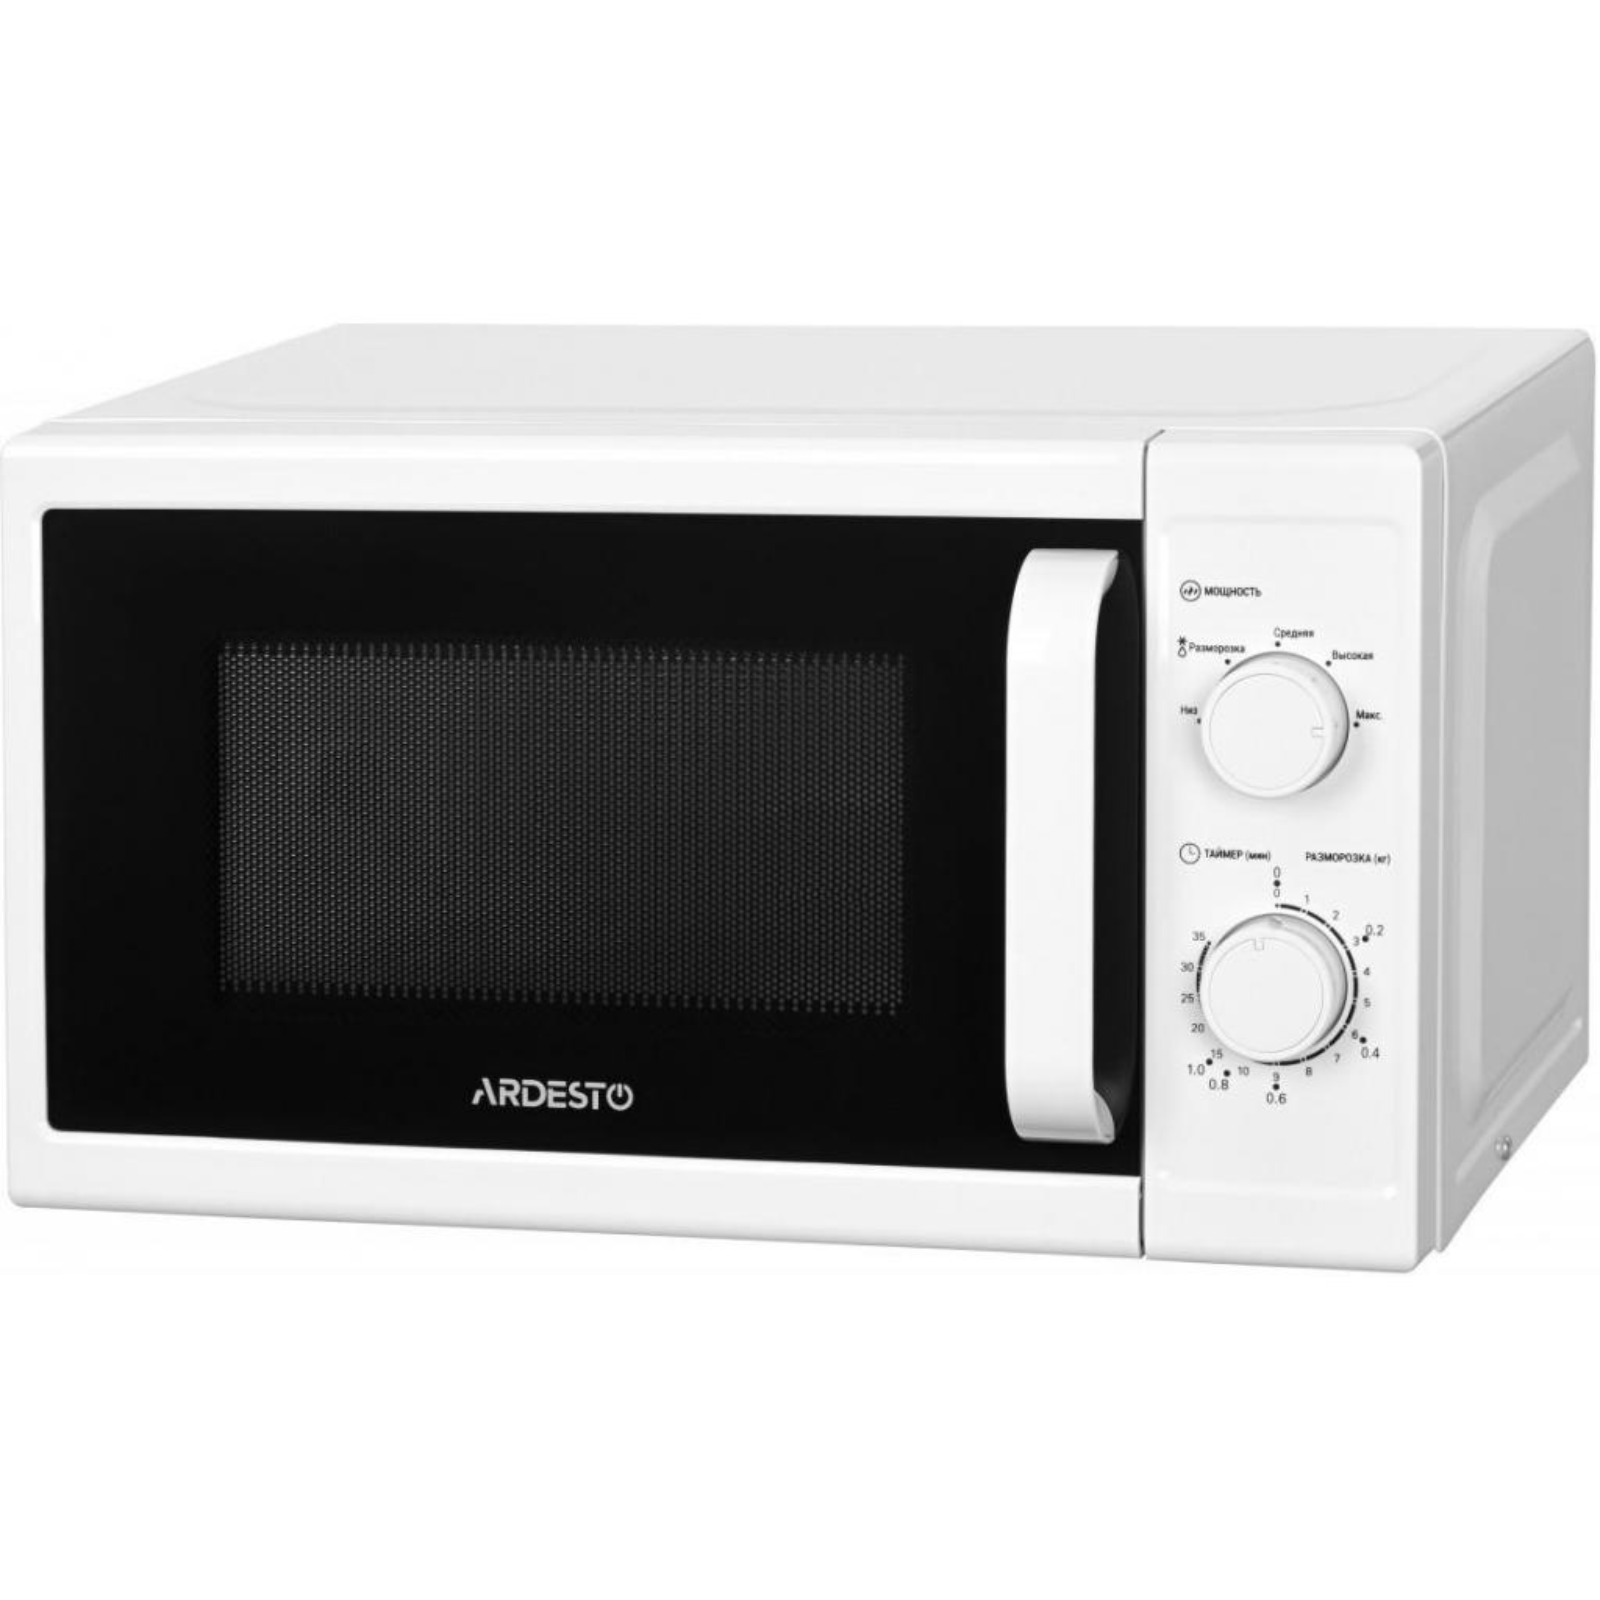 Микроволновая печь Ardesto MO-S720W изображение 2